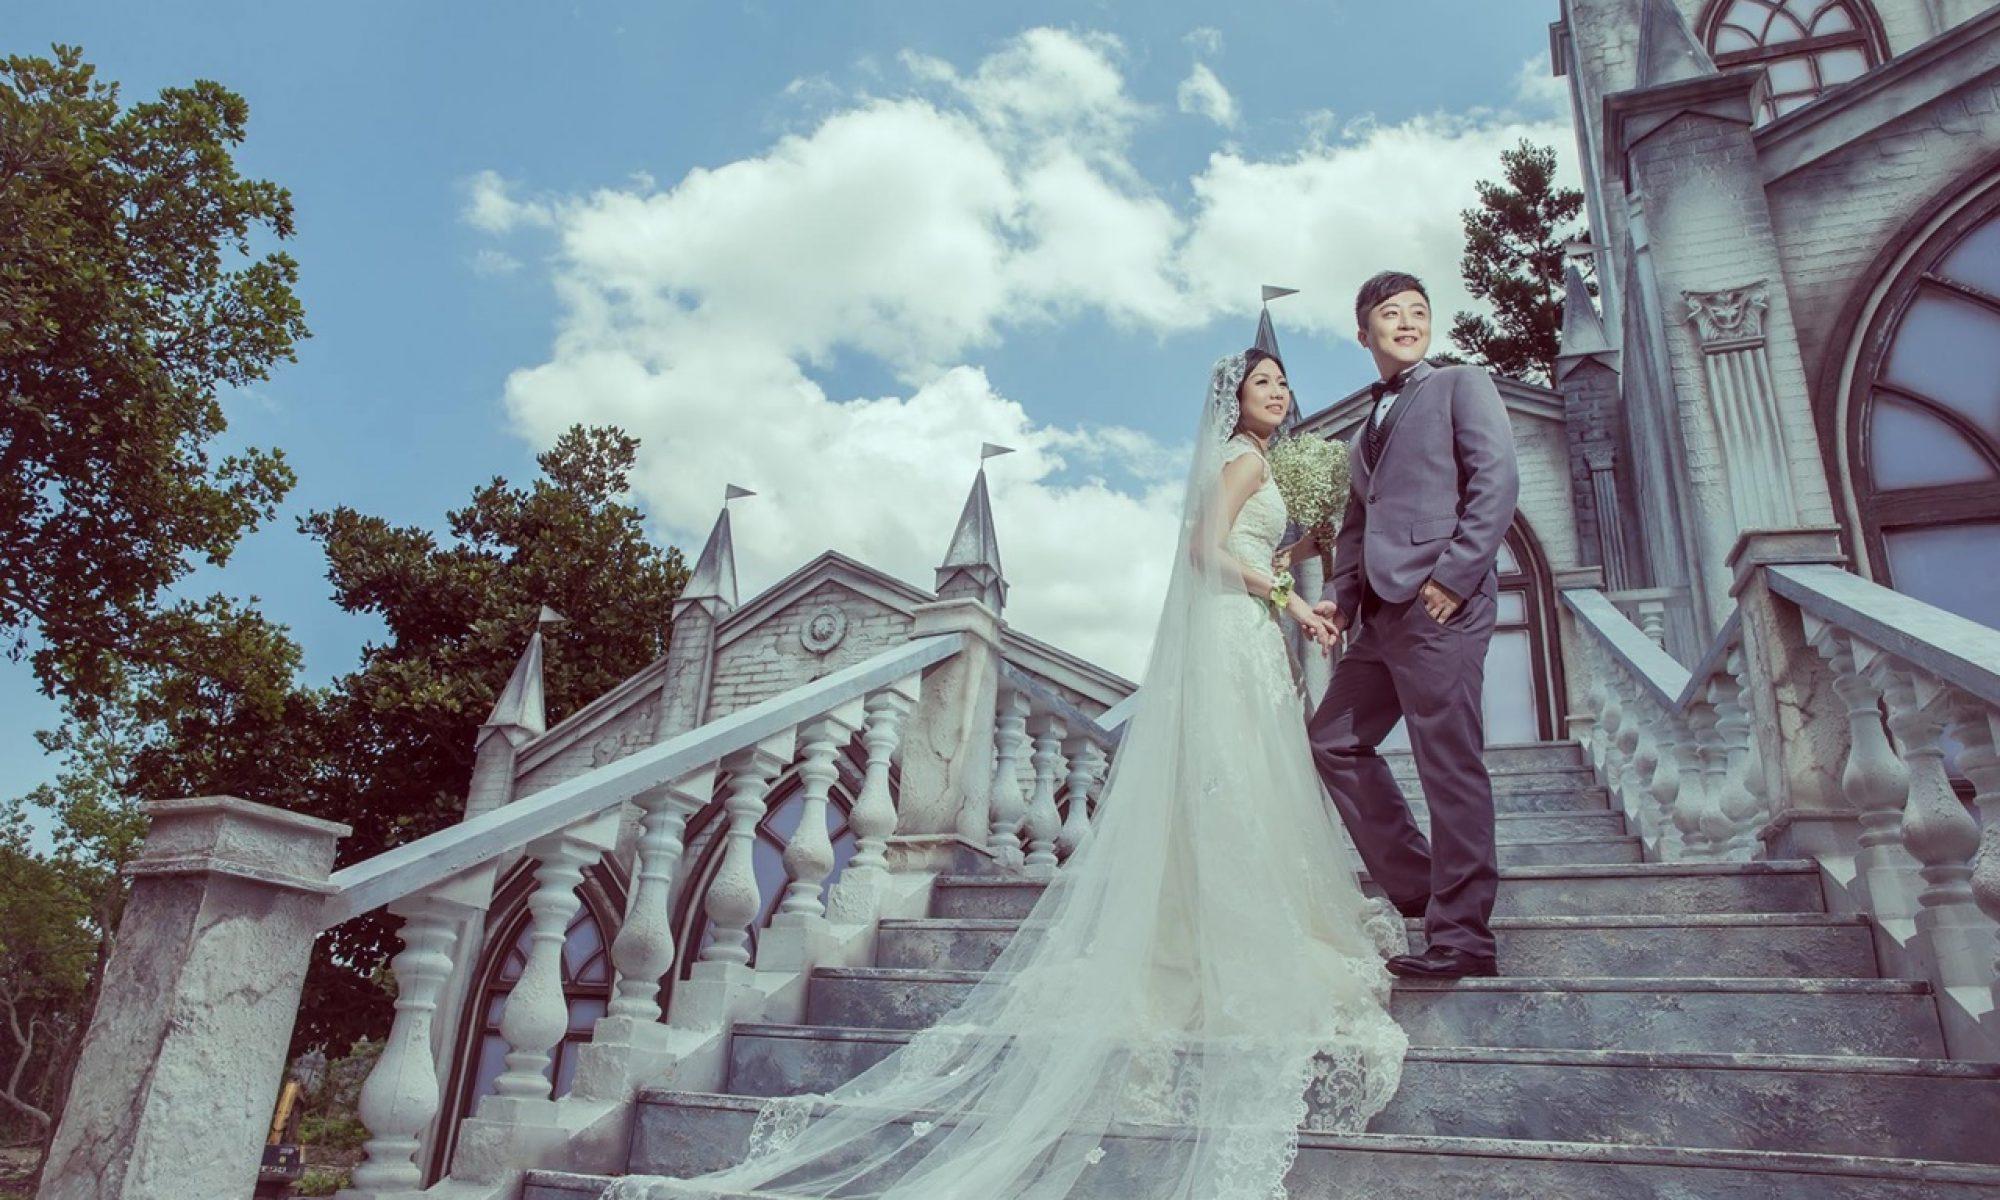 【桃園婚攝Ume】桃園優美攝影工作室:台北婚攝|桃園婚攝|中壢婚攝|新竹婚攝|宜蘭婚攝|基隆婚攝